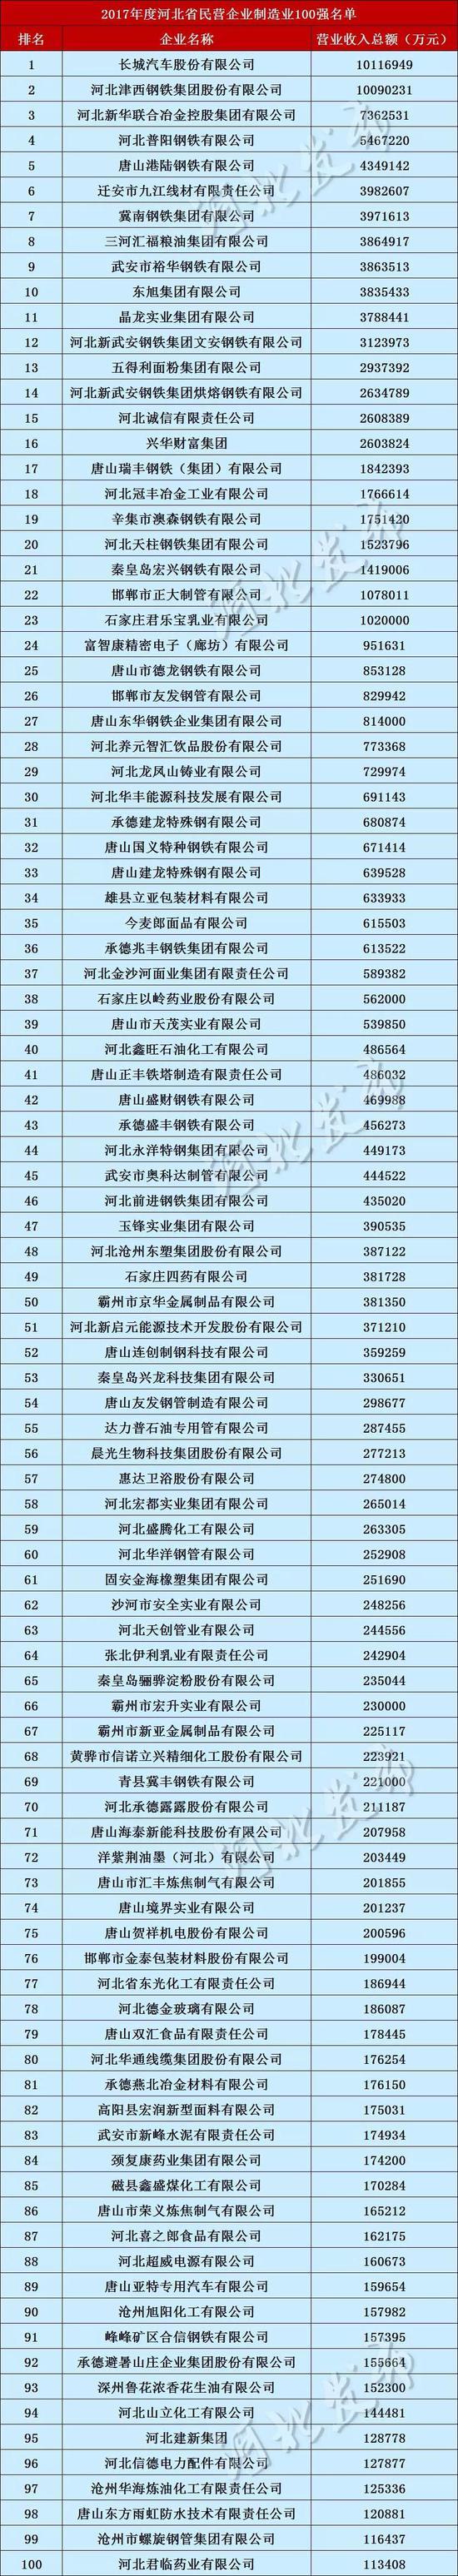 2017年度河北省民营企业服务业100强名单